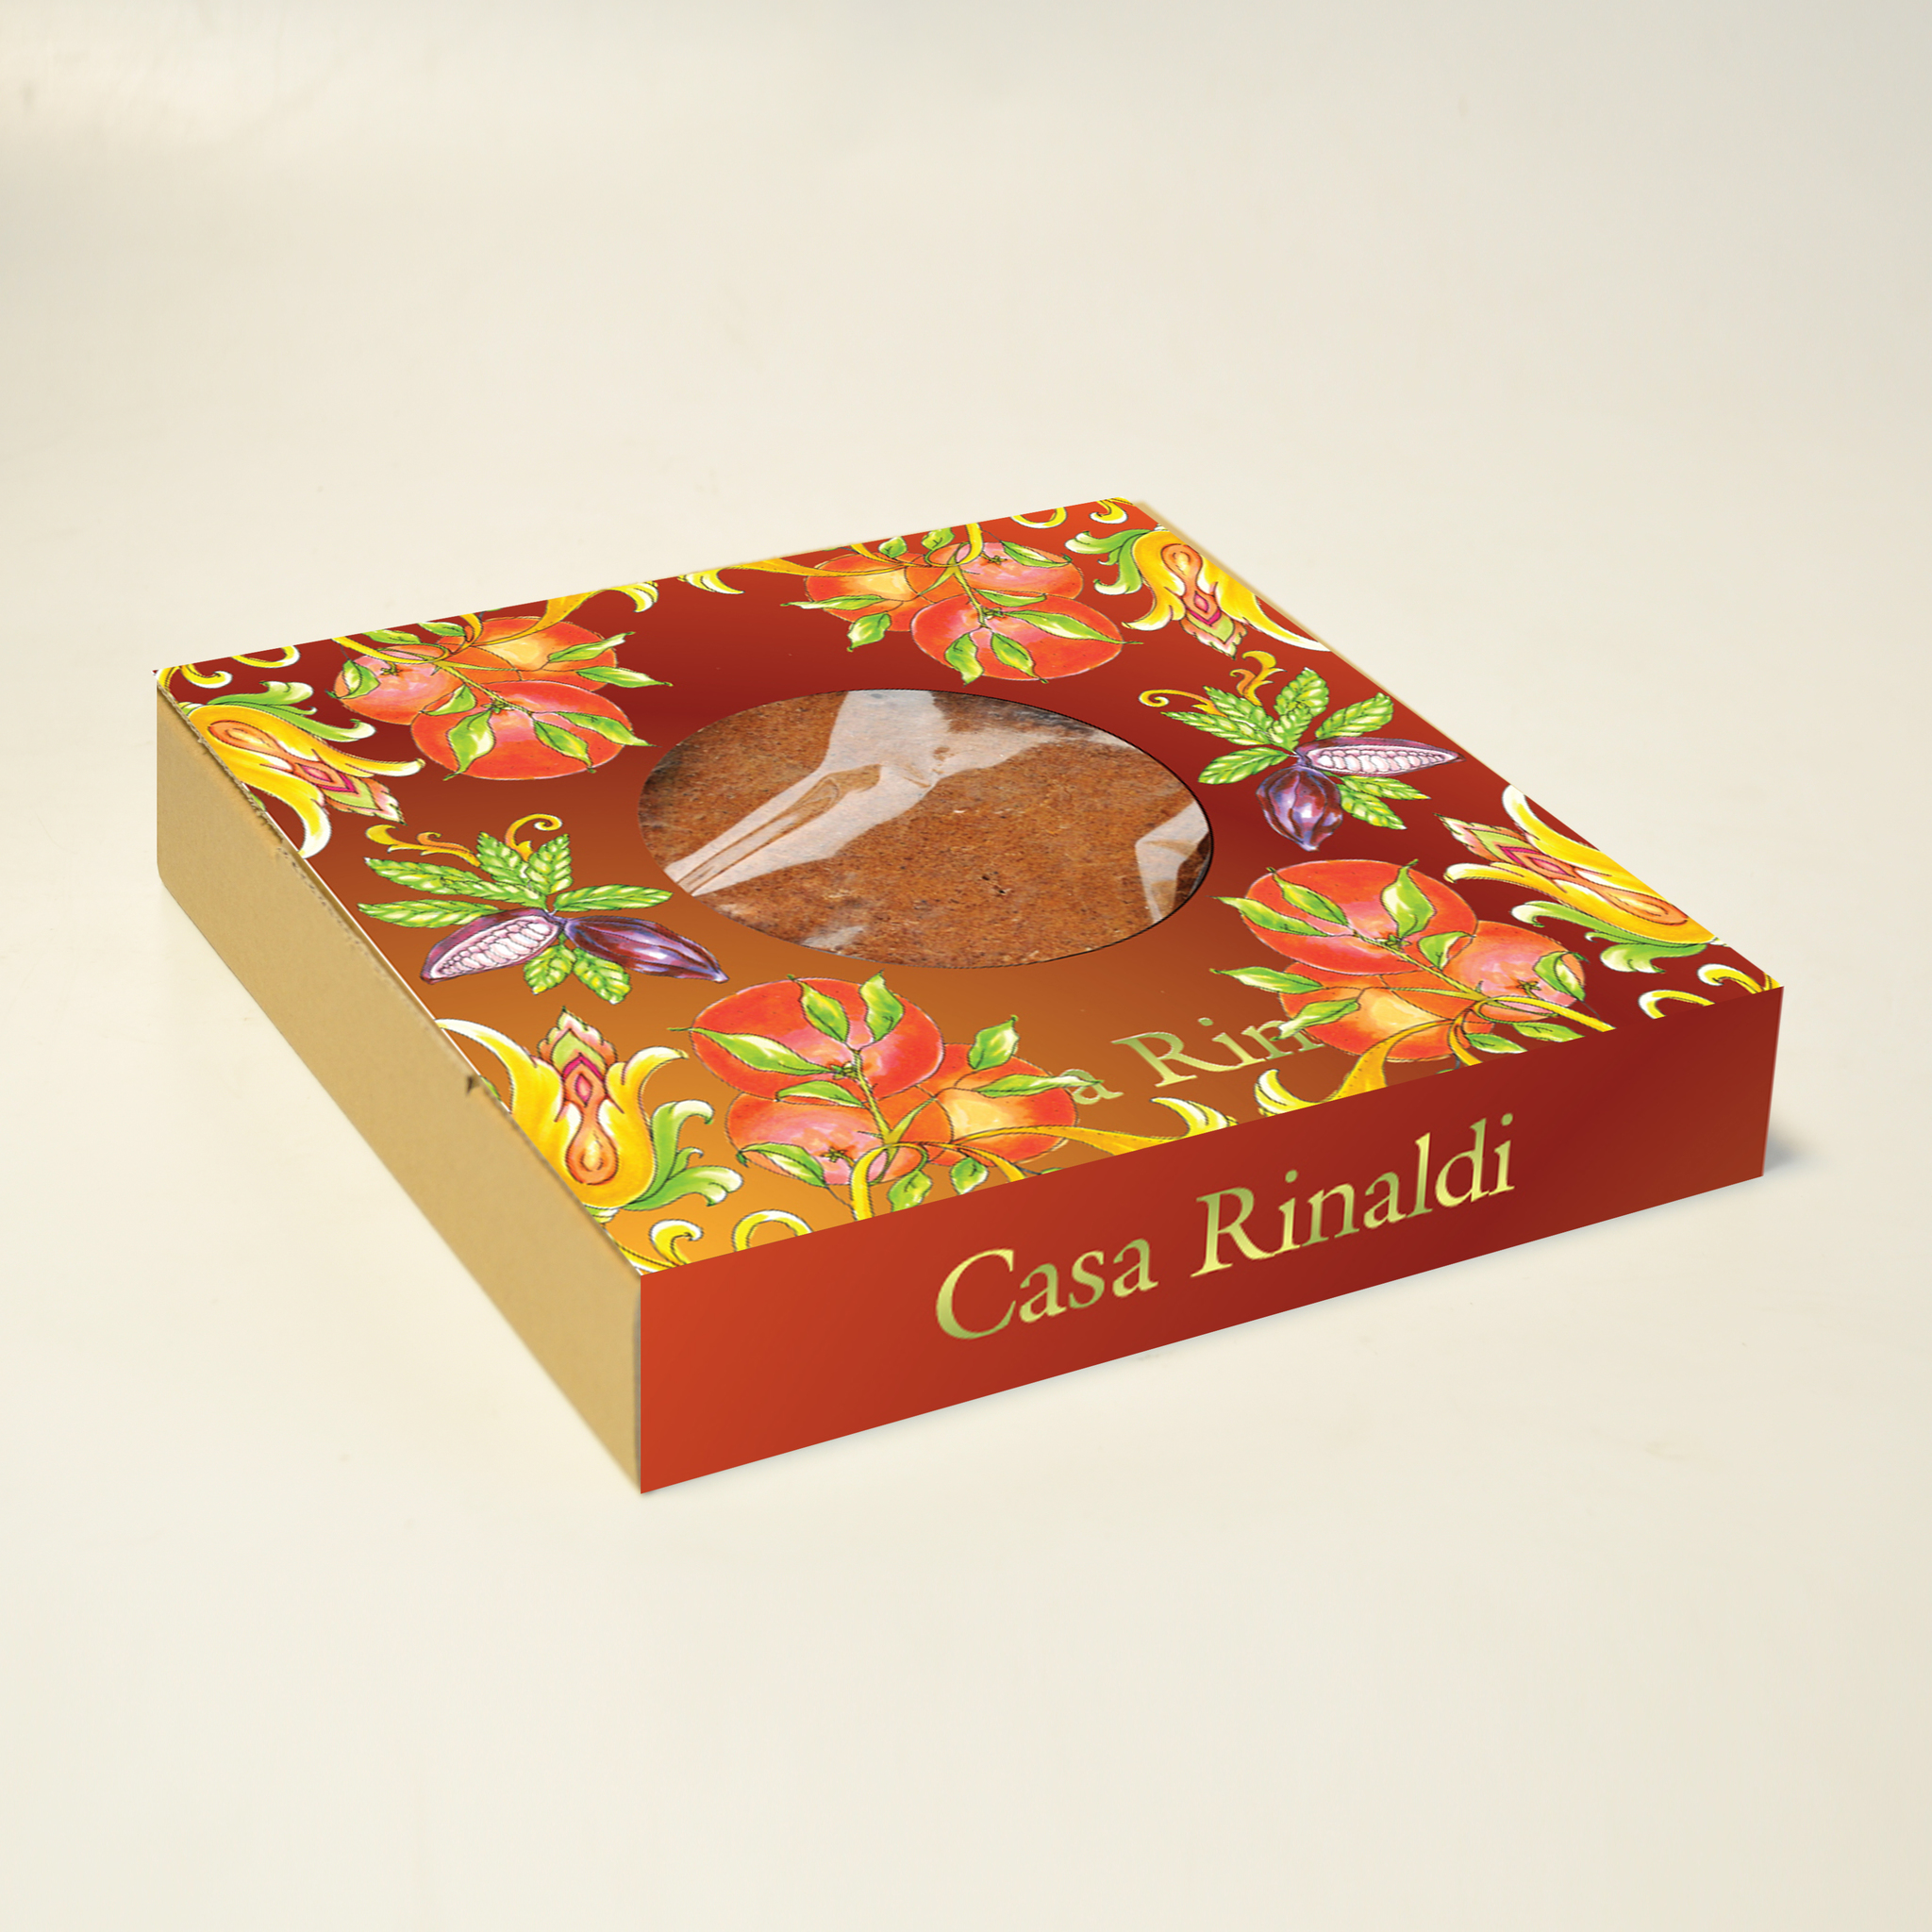 Торт шоколадно-апельсиновый Casa Rinaldi 300г